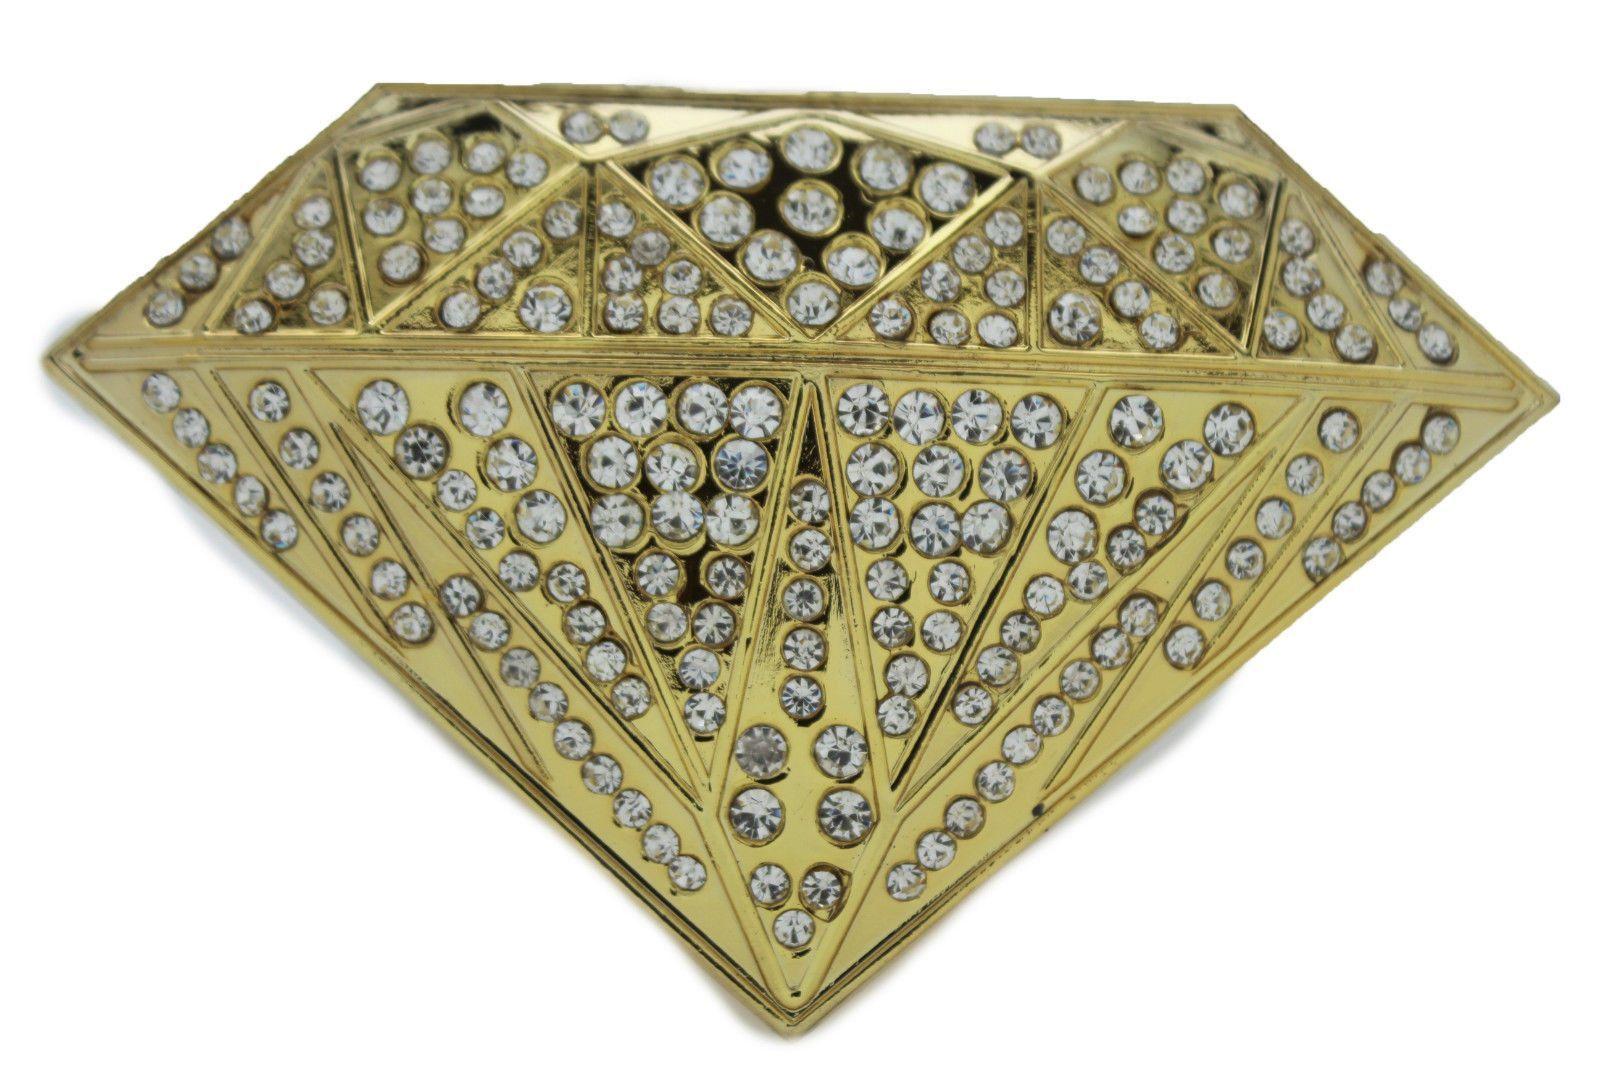 Gold Belt Buckle New Men Women Cowboy Western Fashion Big Diamond Silver Rhinestones Alwaystyle4you Silver Rhinestone Belt Buckles Gold Belt Buckle